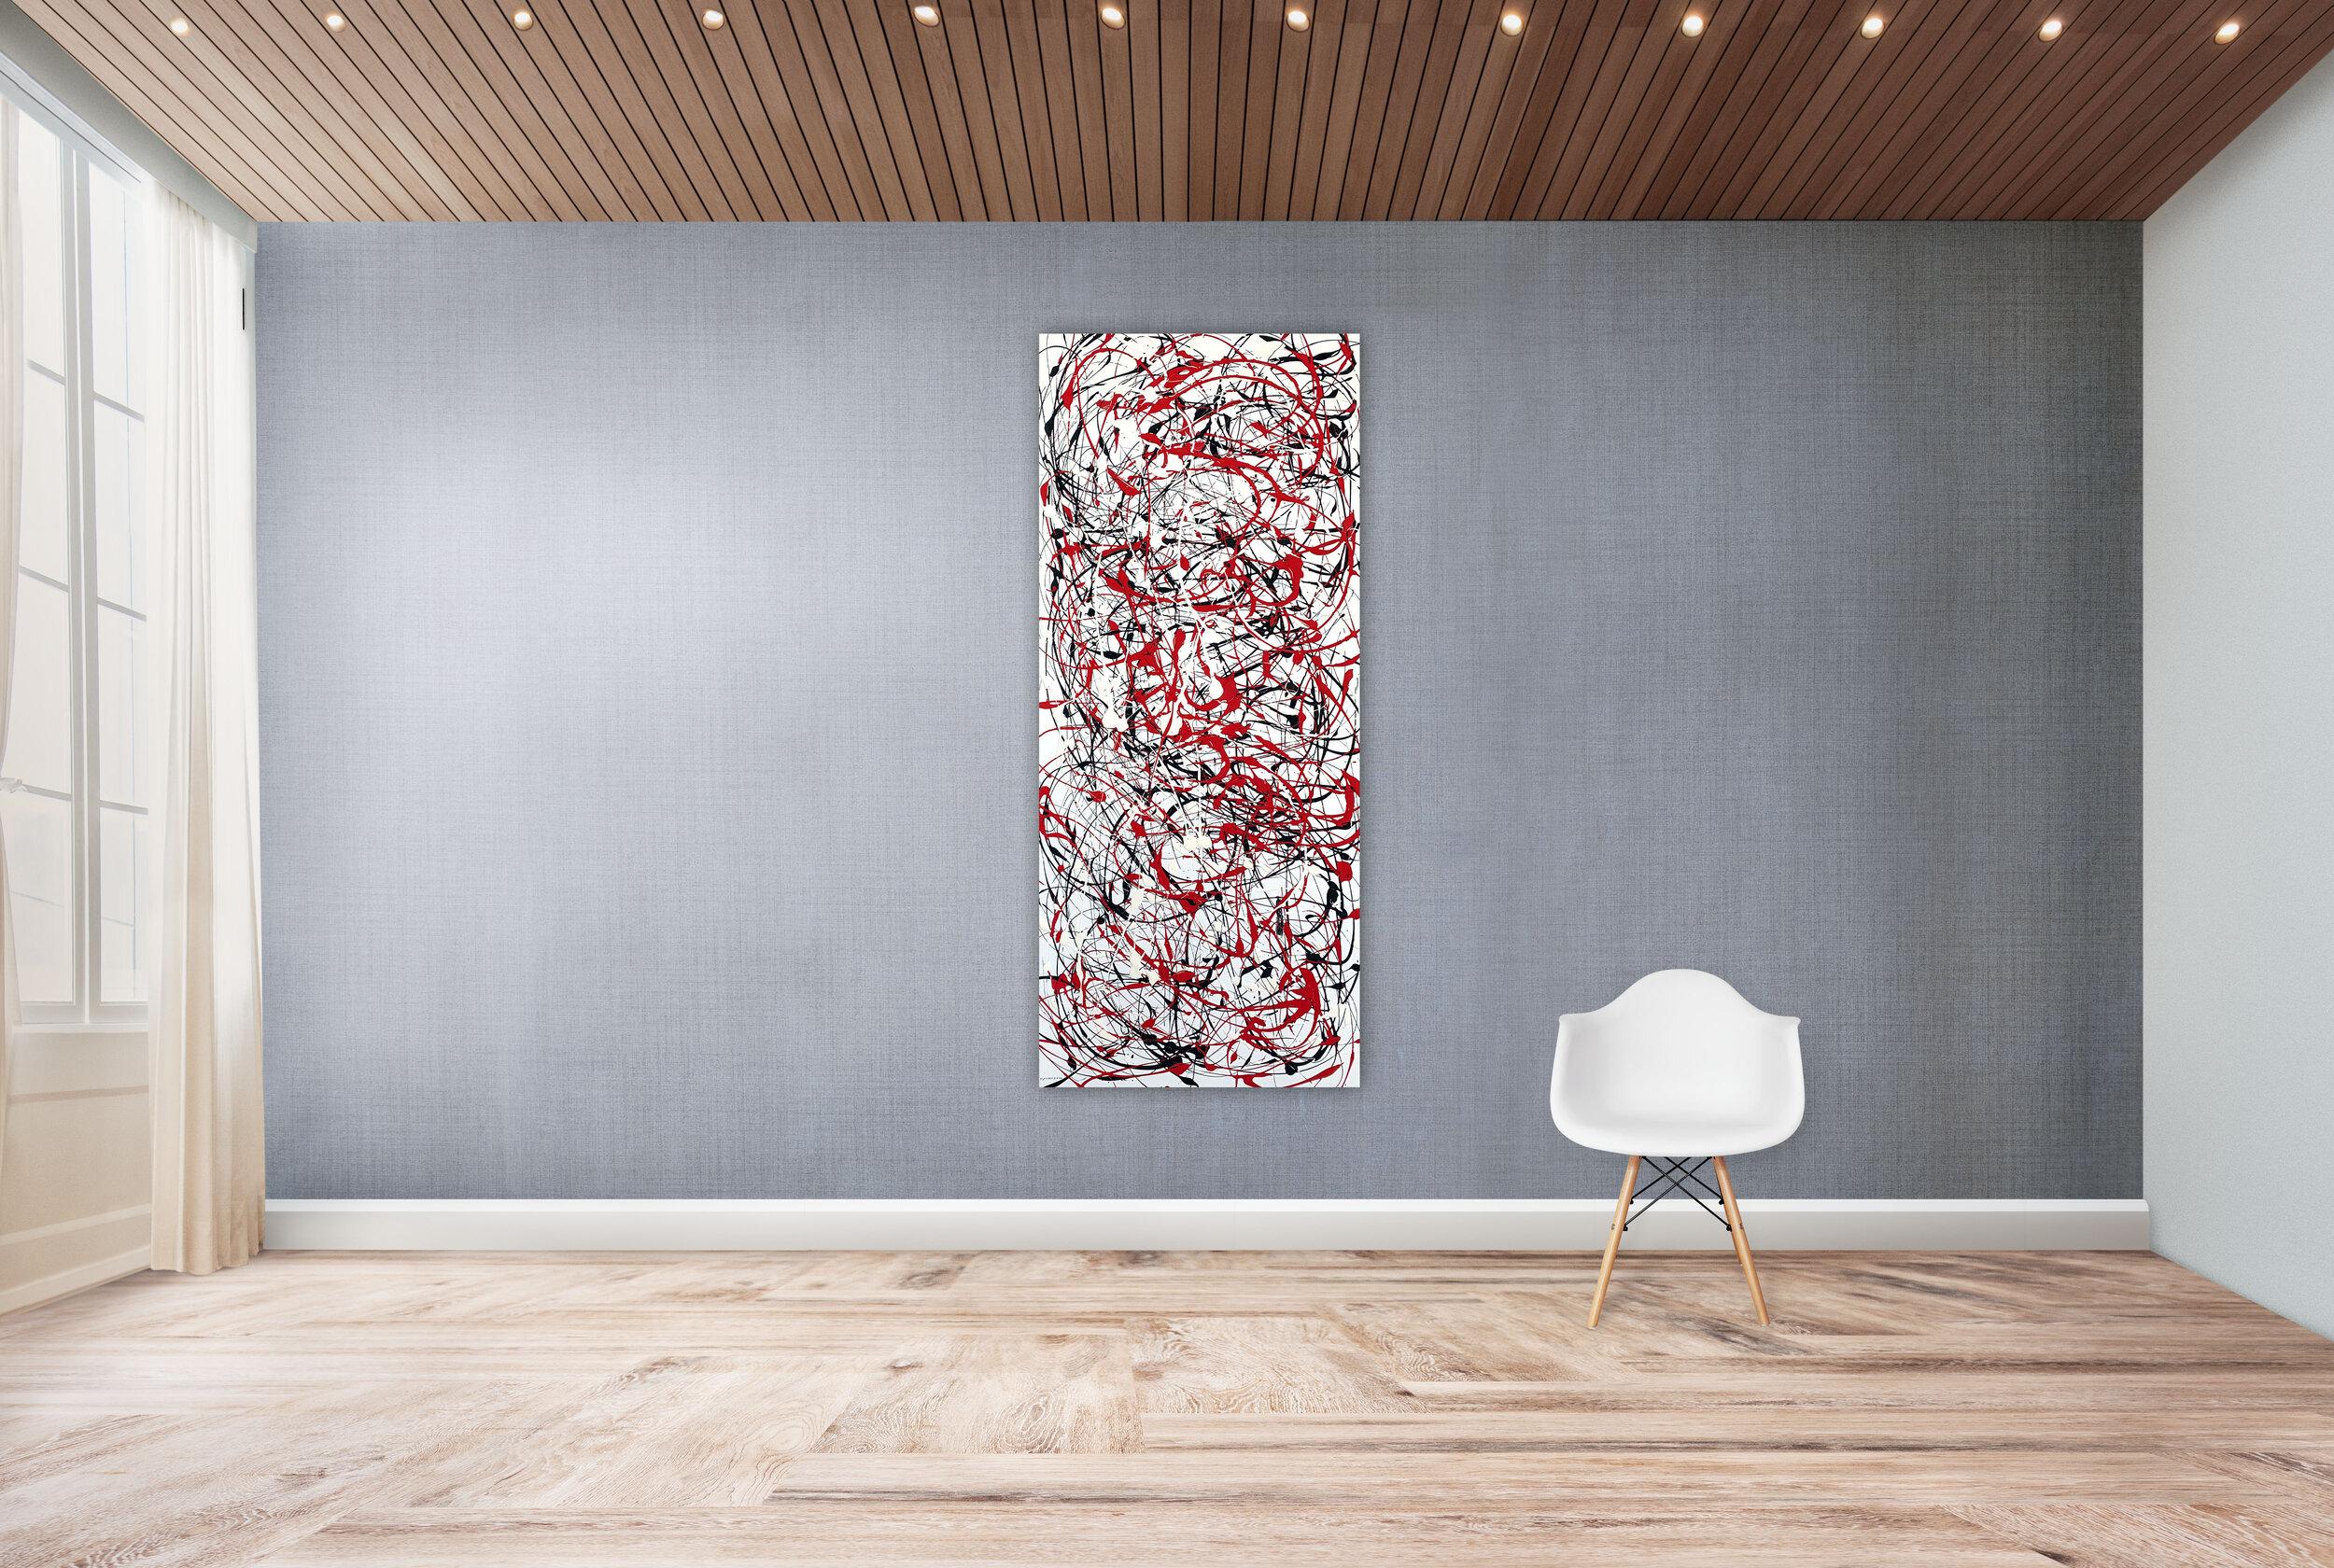 abstract-expressionism-painting-riben-shige-mockup.jpg